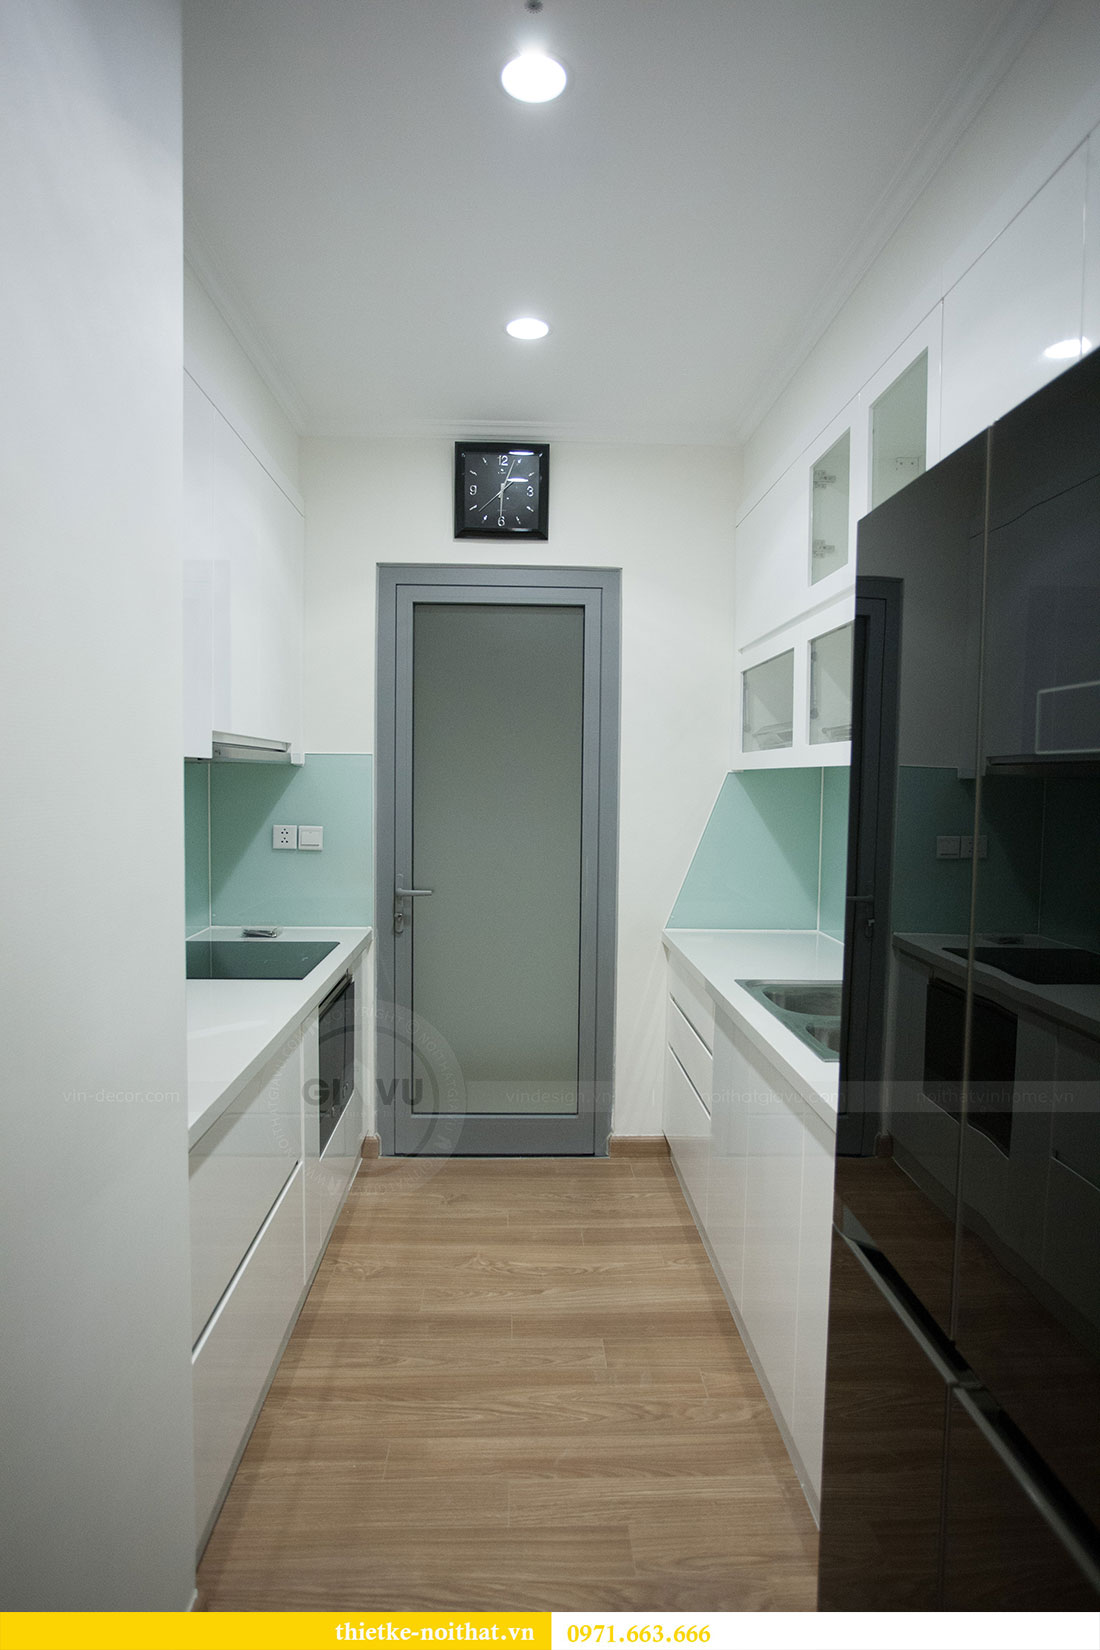 Thi công nội thất trọn gói tại Hà Nội - Lh 0971663666 view 6